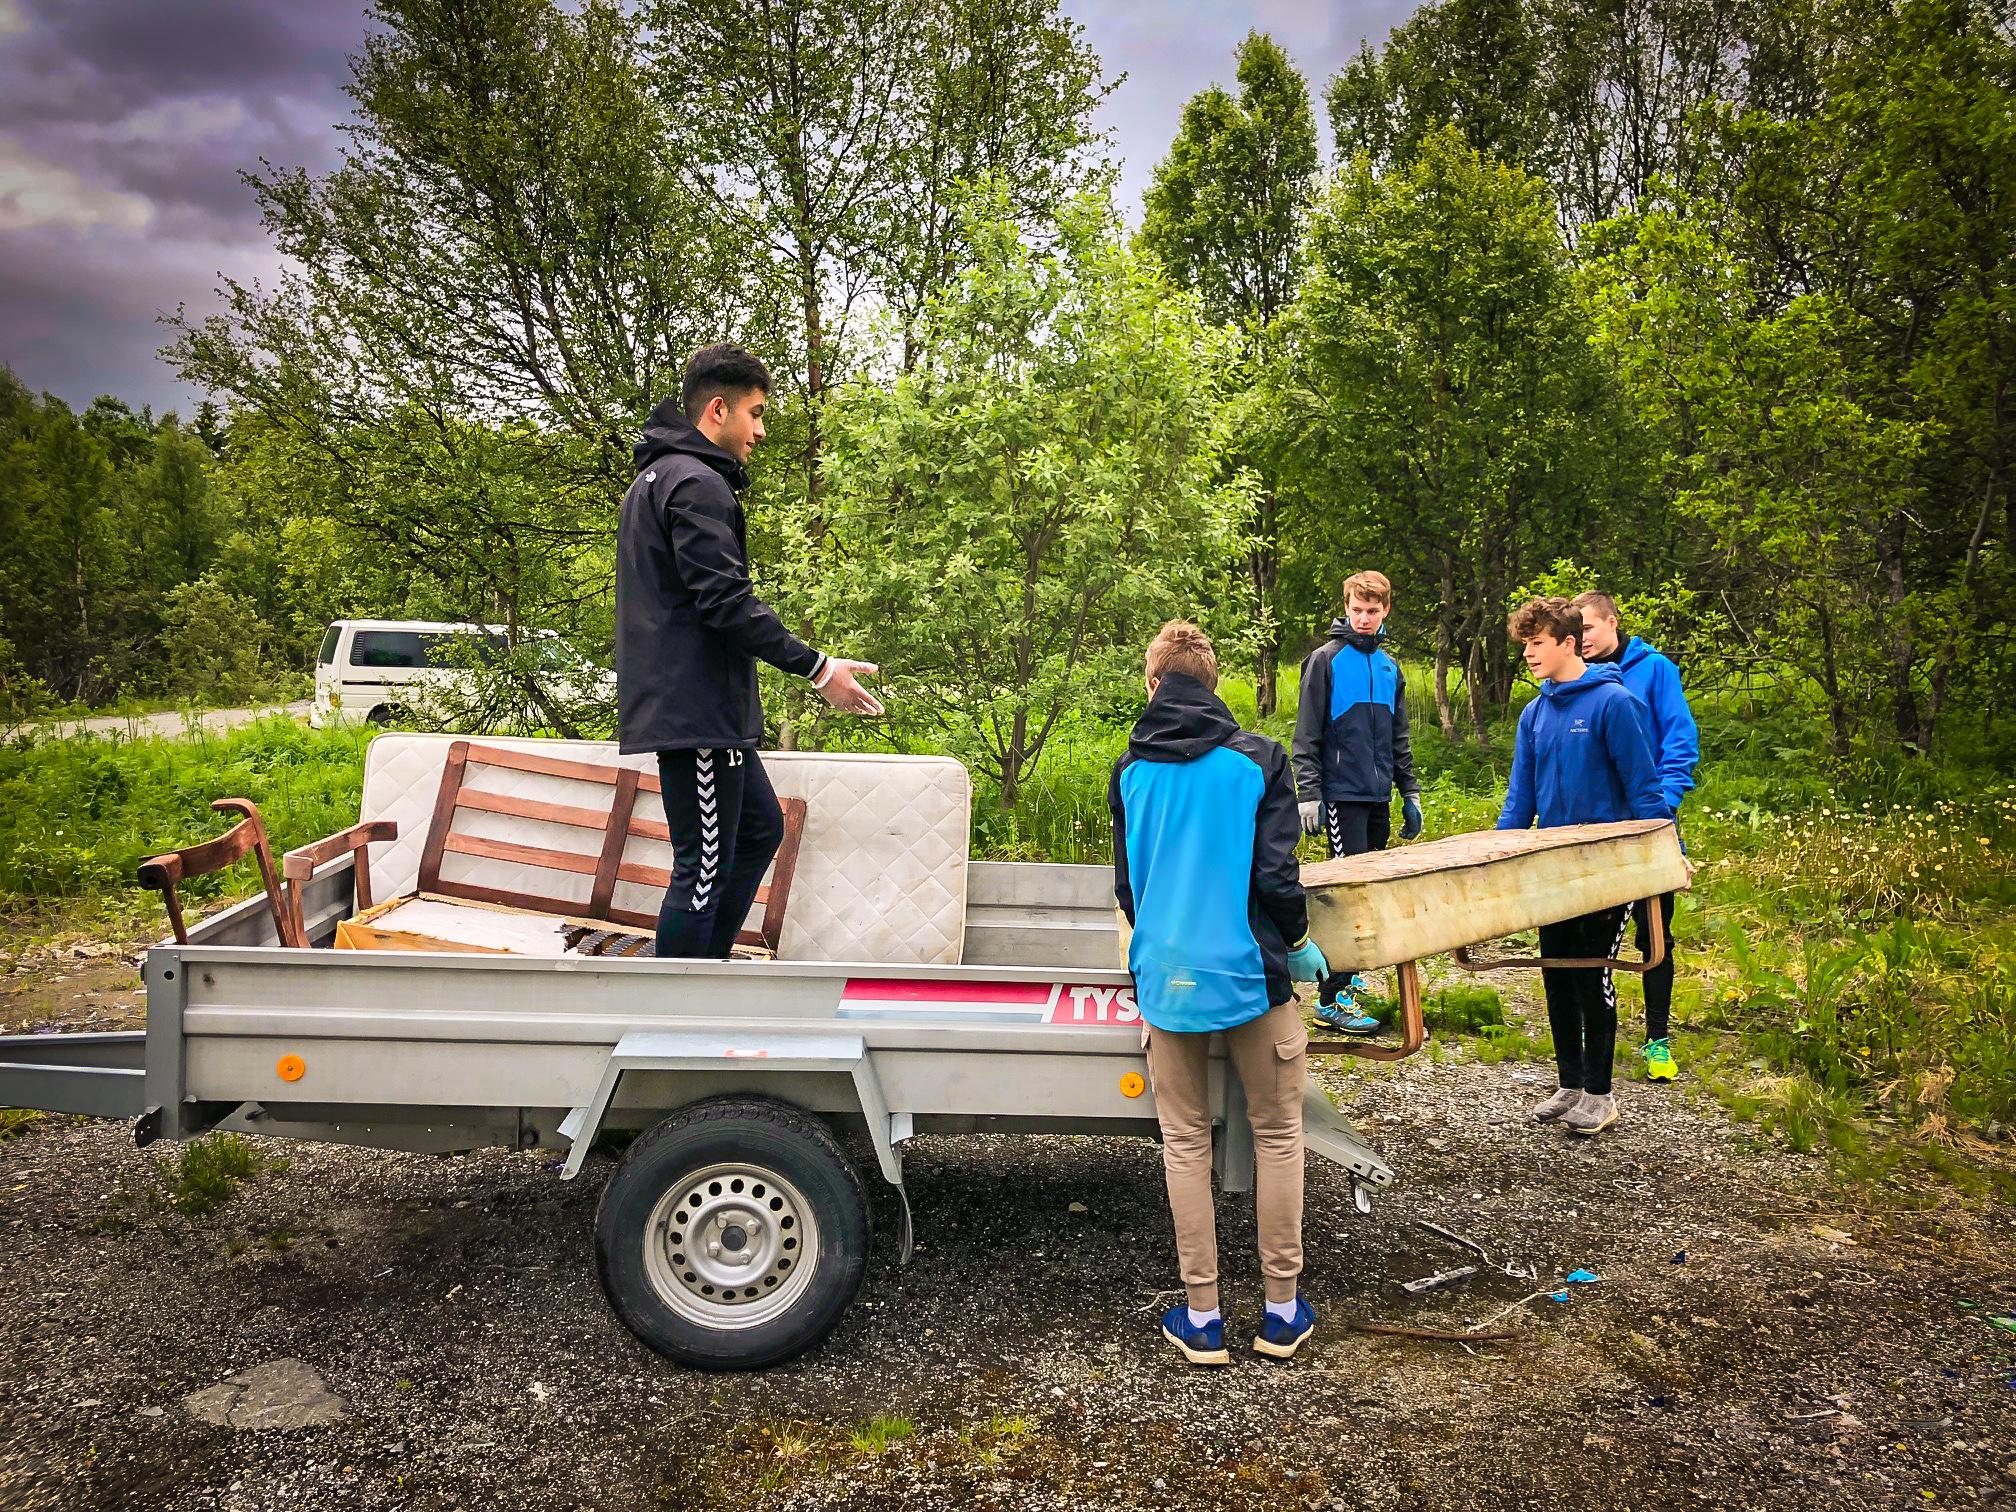 HJELP: Einerhagen sponser IF SKarp, og fikk sommeren 2018 hjelp fra disse Skarp-guttene til å rydde på området.